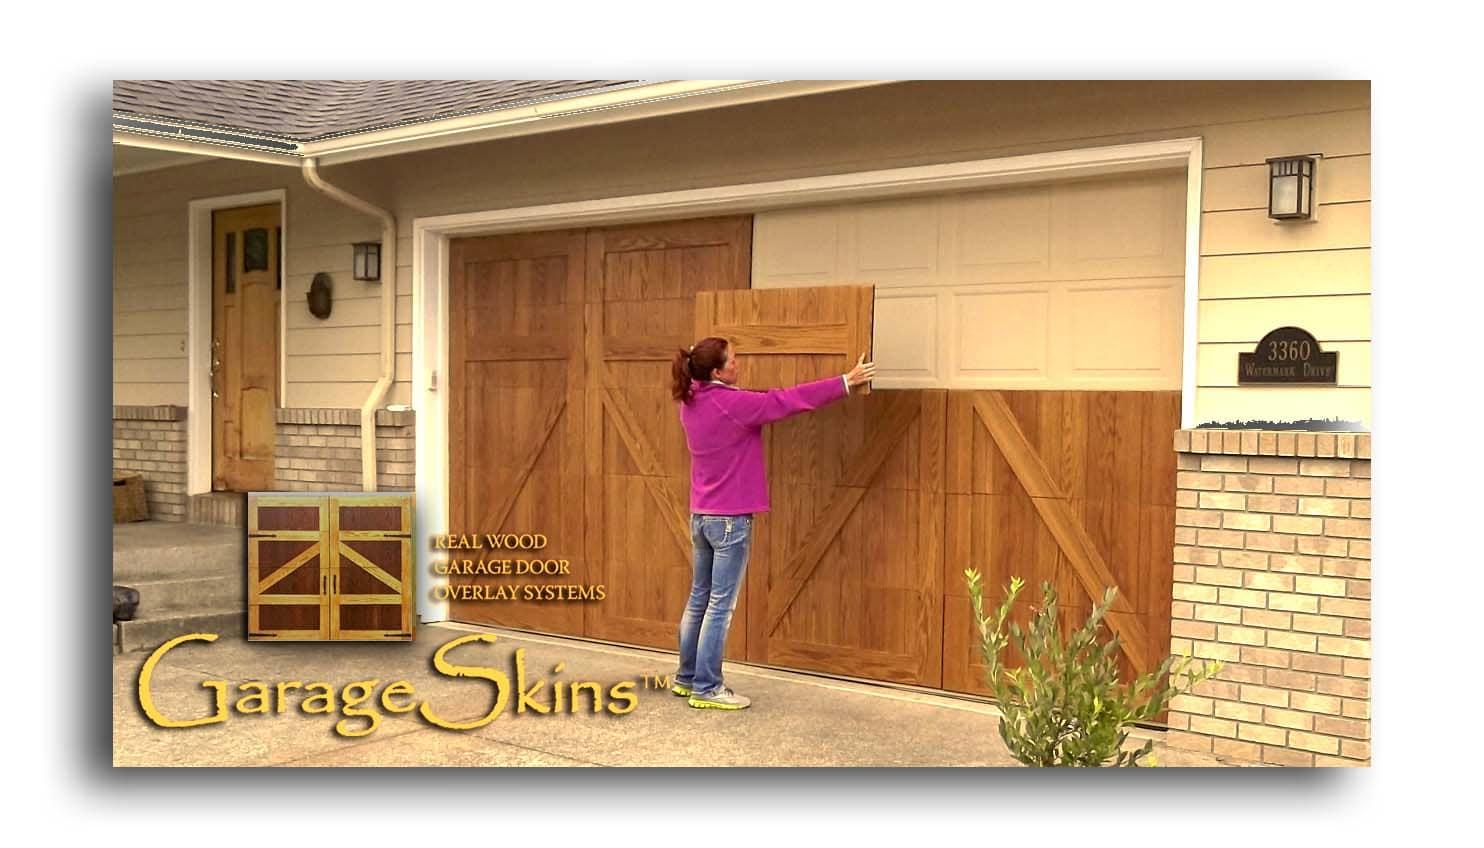 wood garage doorsGarageSkins real wood garage door overlays  Indiegogo